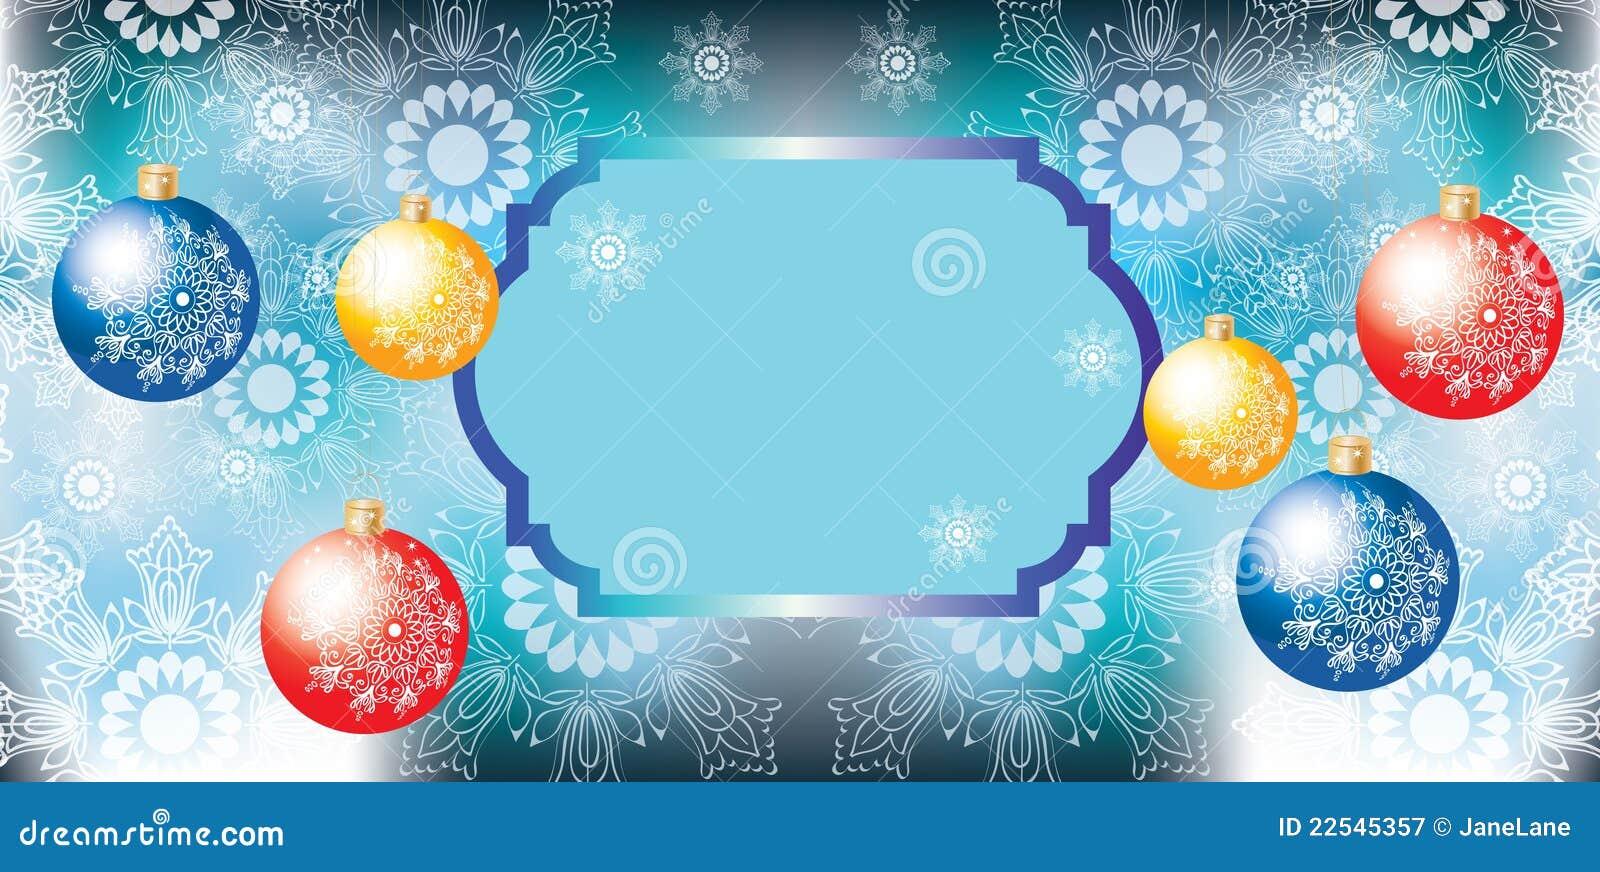 Elegant Christmas Background: Elegant Christmas Background Royalty Free Stock